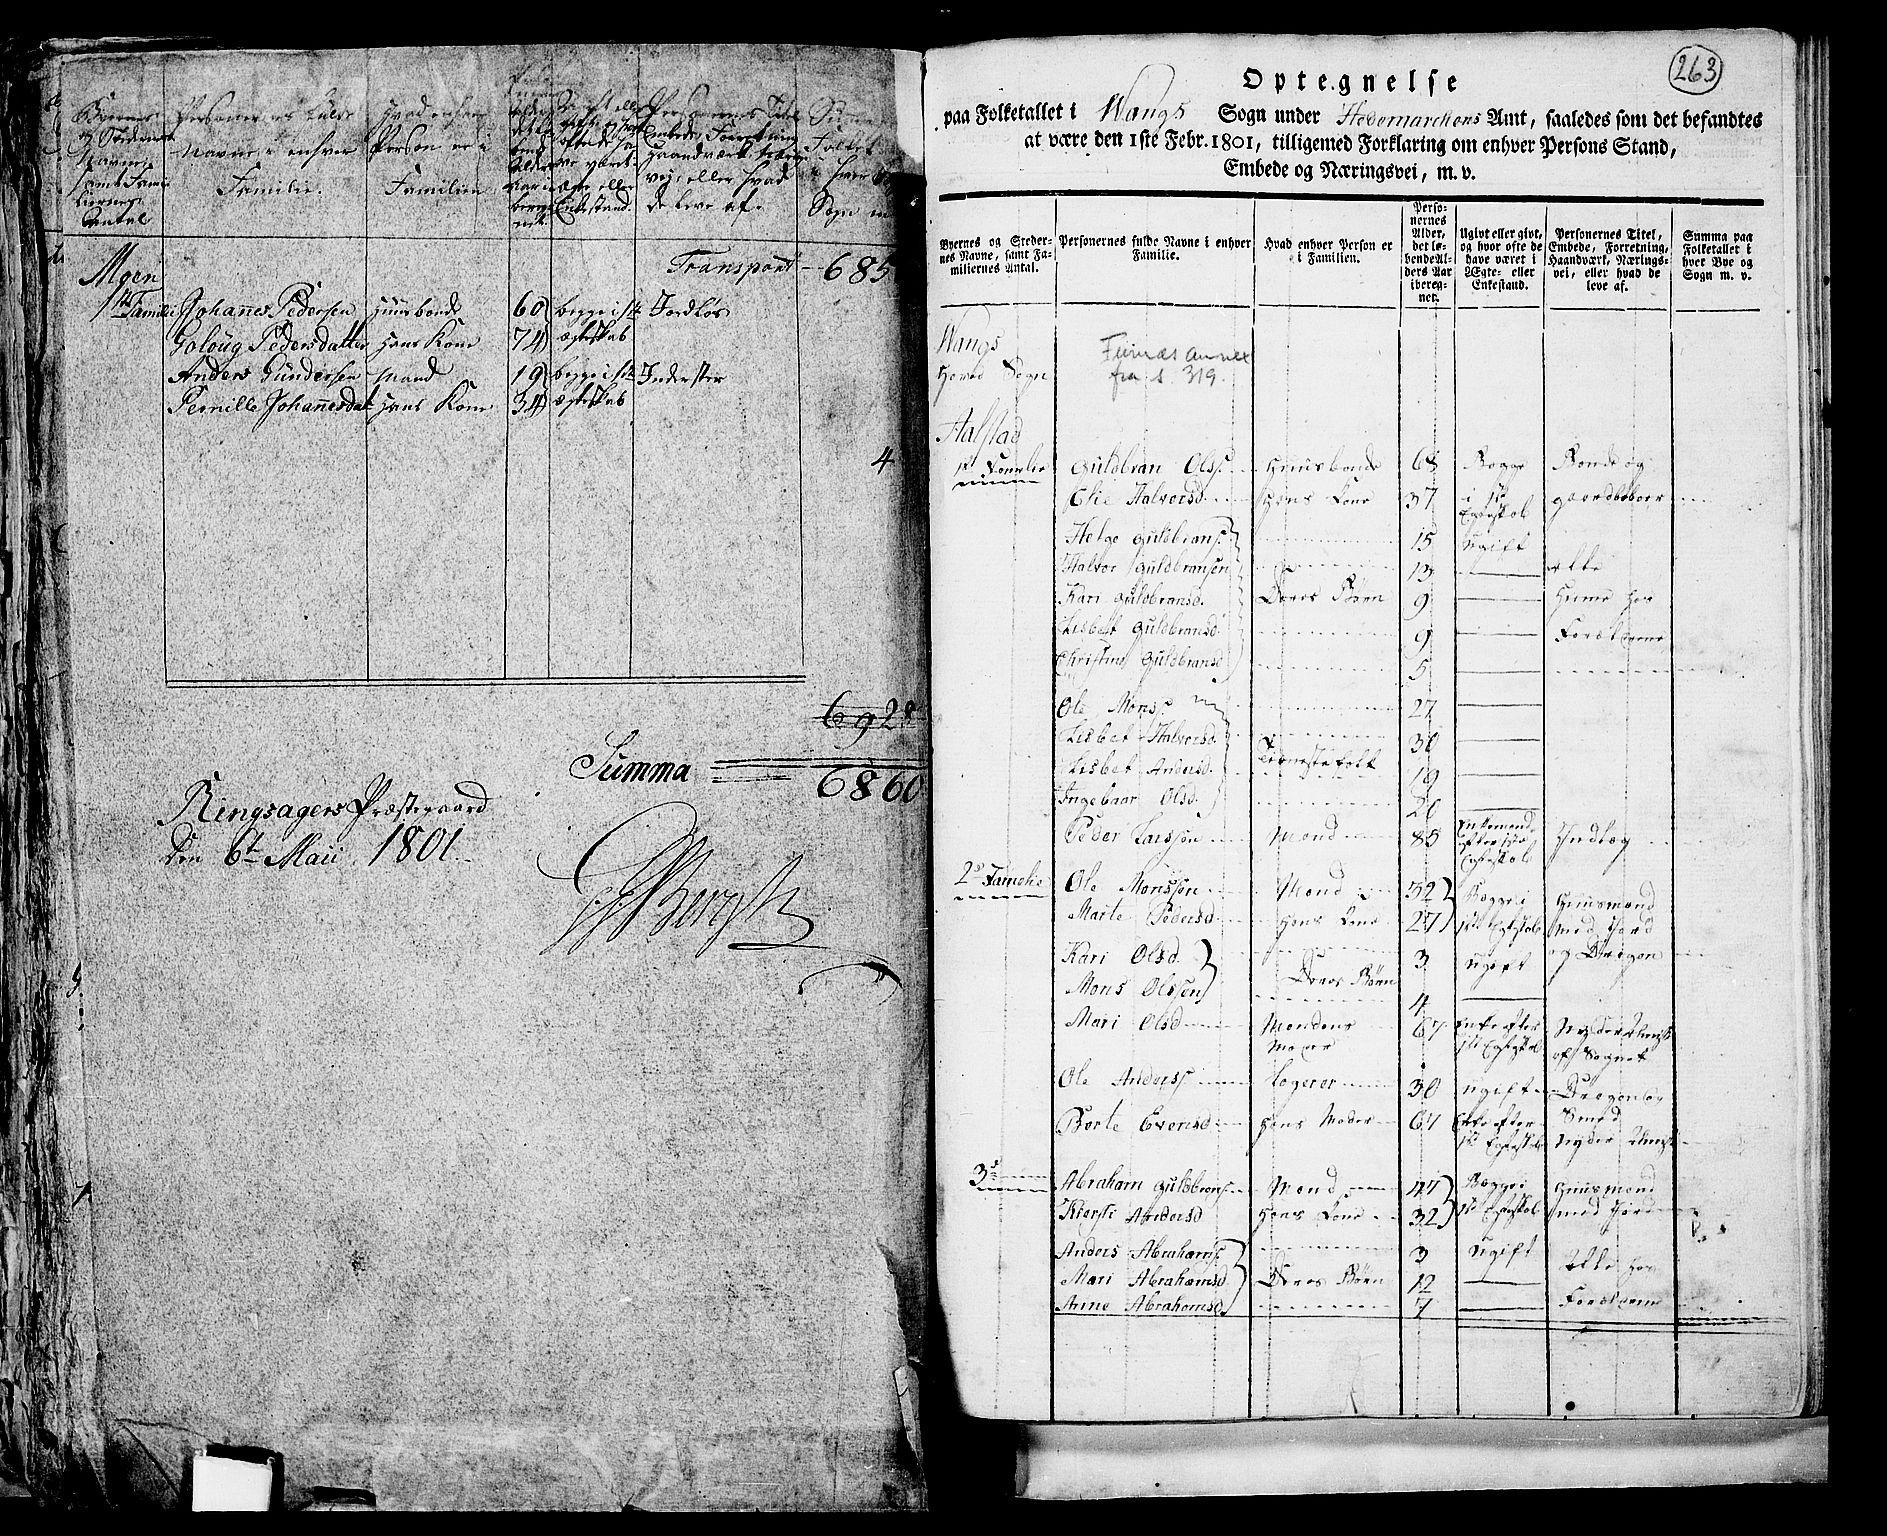 RA, Folketelling 1801 for 0414P Vang prestegjeld, 1801, s. 262b-263a